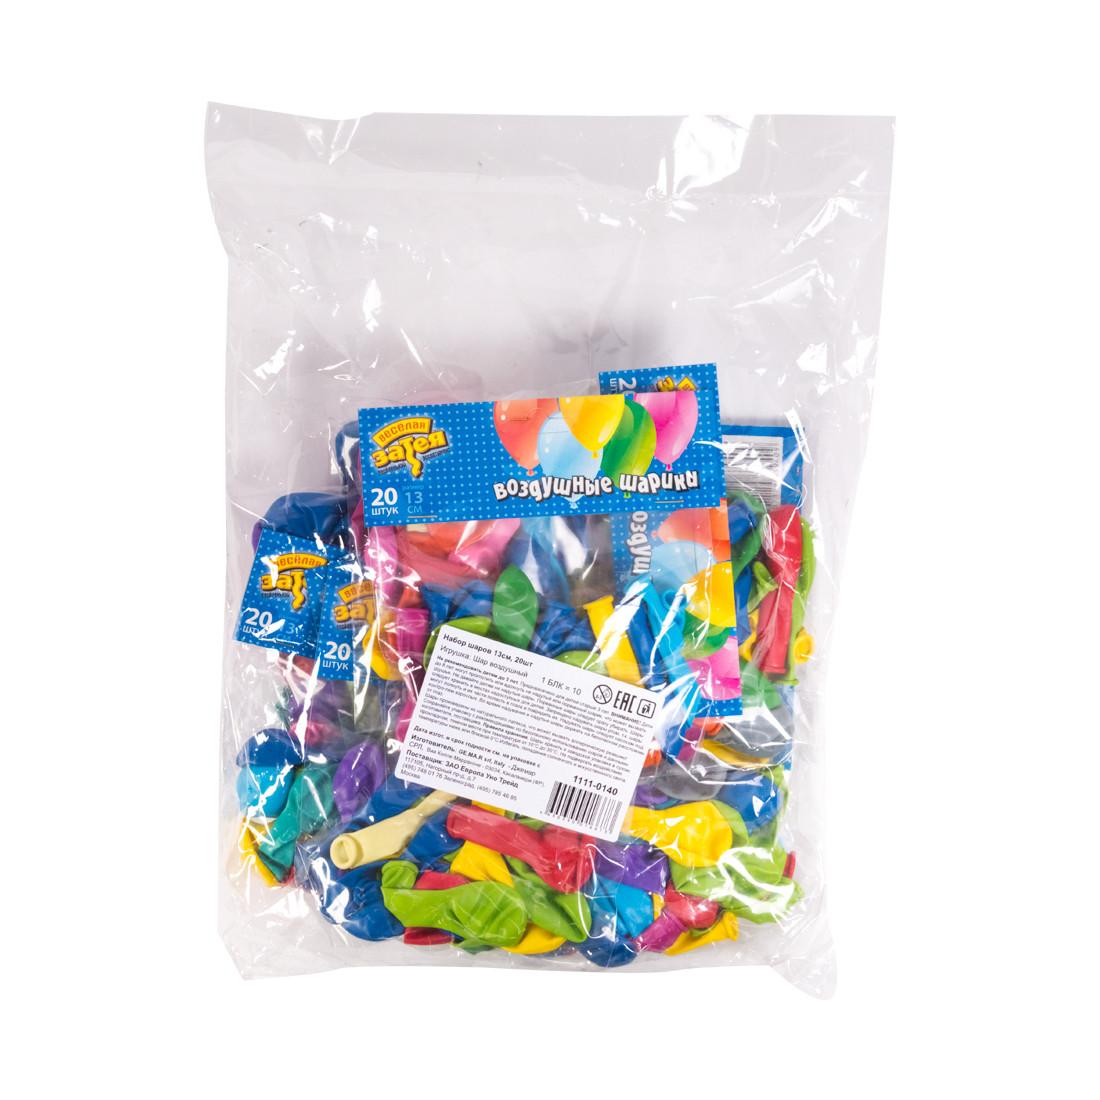 Воздушные шарики 1111-0140 (20 шт. в пакете) - фото 3